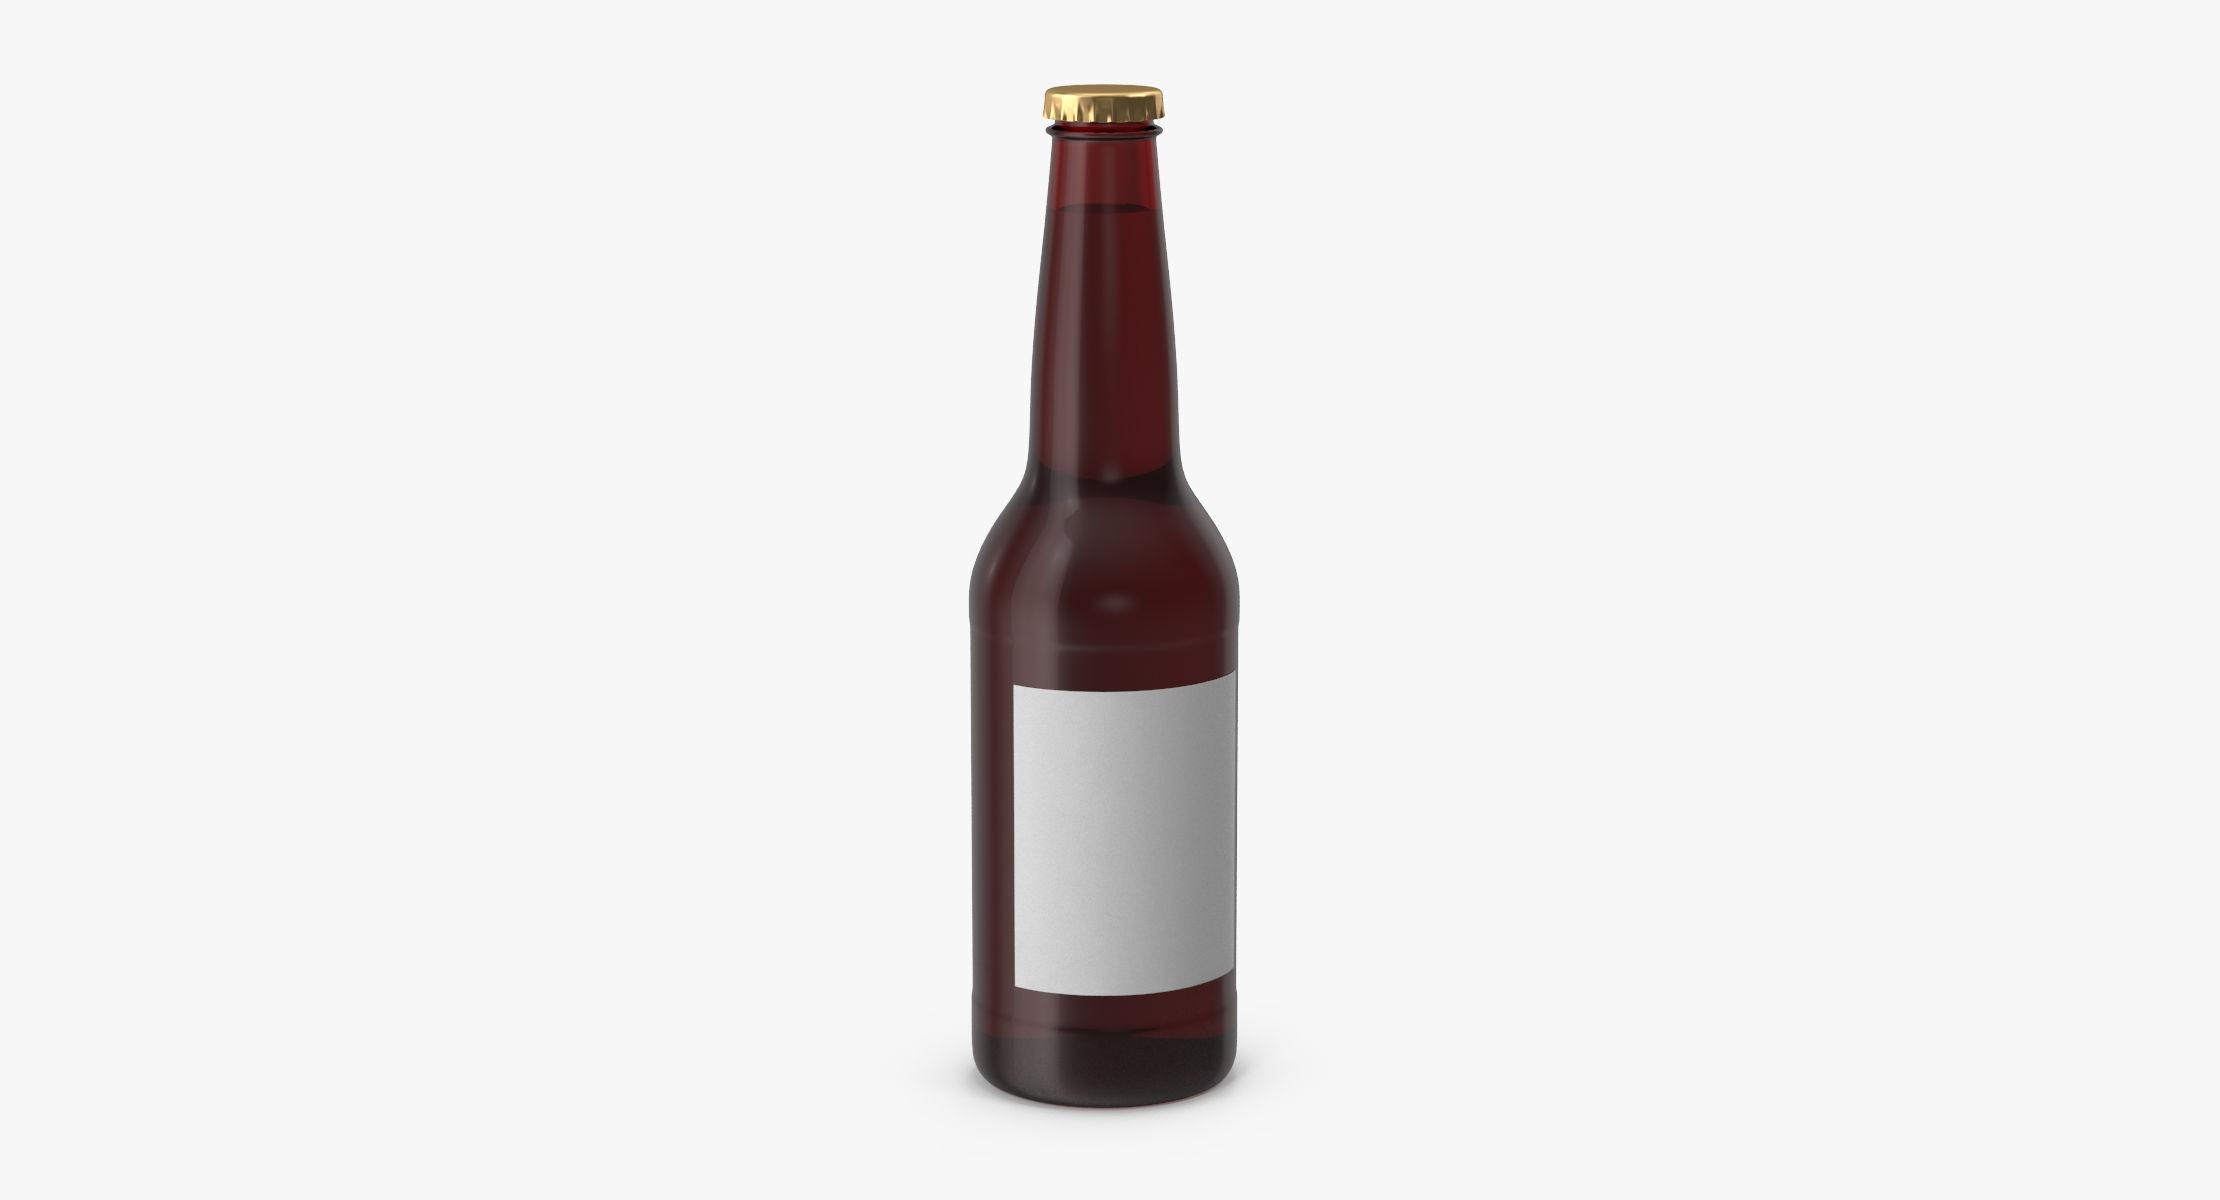 Beer Bottle Brown - reel 1